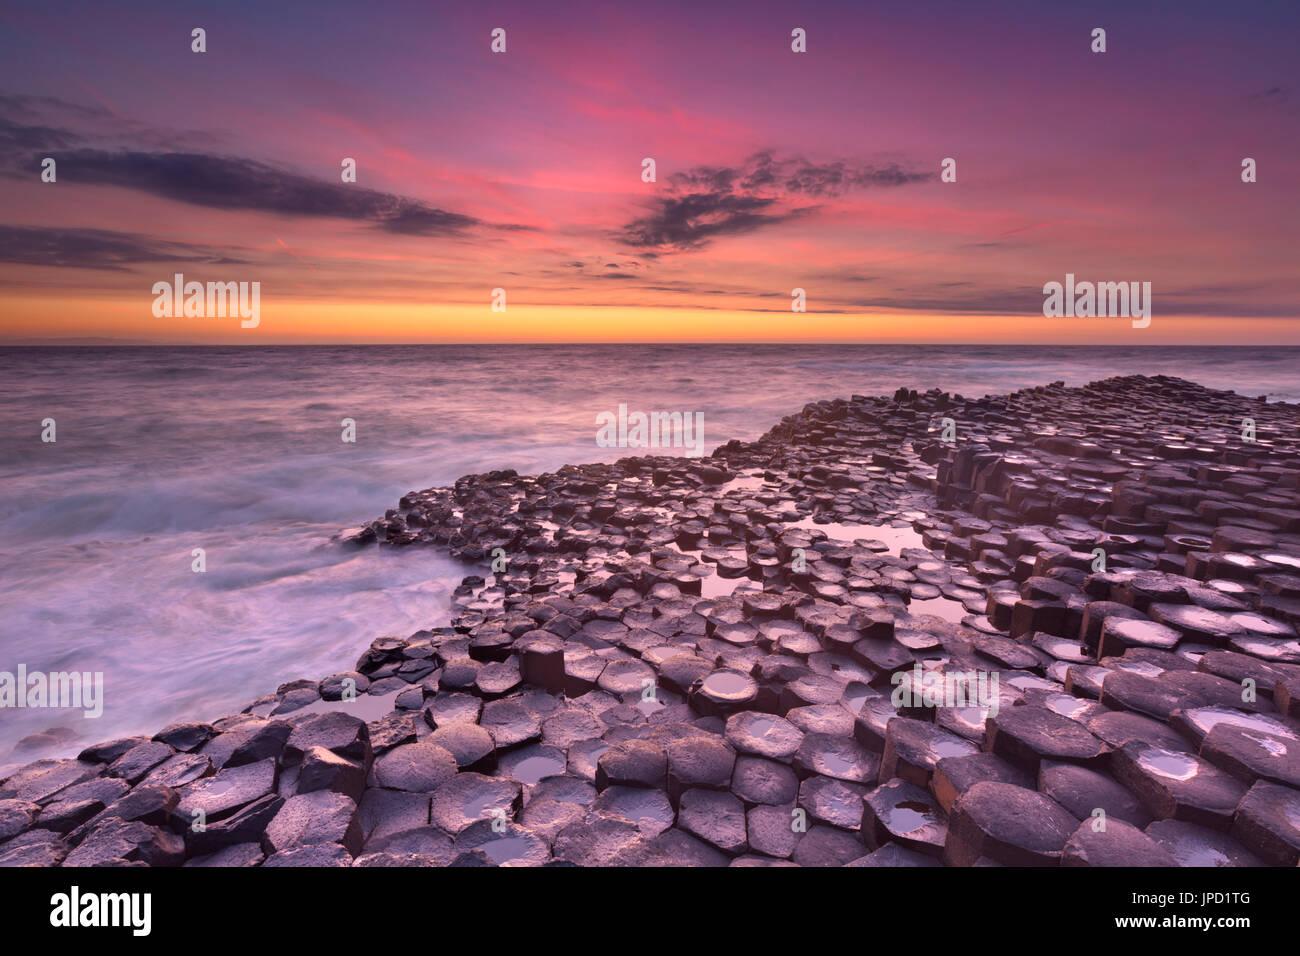 Il tramonto del basalto formazioni rocciose di Giant's Causeway sulla costa nord dell'Irlanda del Nord. Immagini Stock